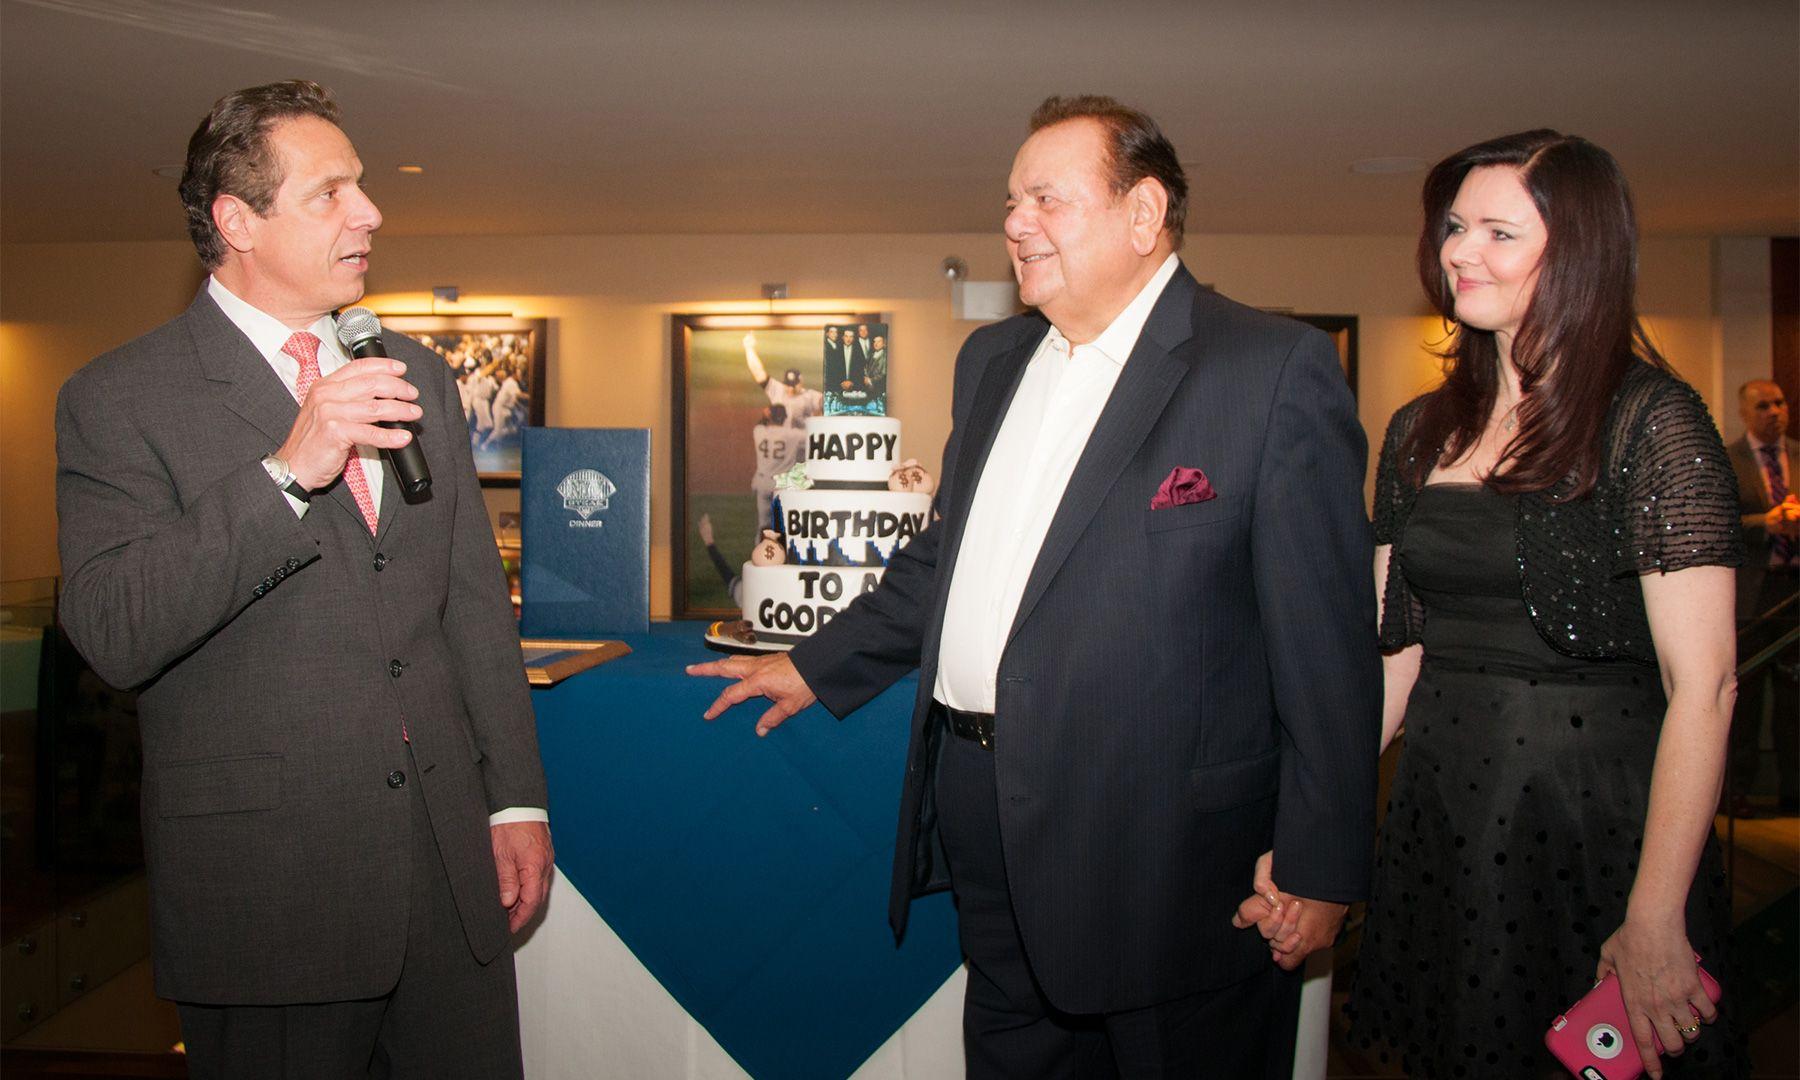 Pictures Inside Paul Sorvino S 76th Birthday Celebration At Nyy Steak In New York City Dujour Paul Sorvino Celebrities 76th Birthday